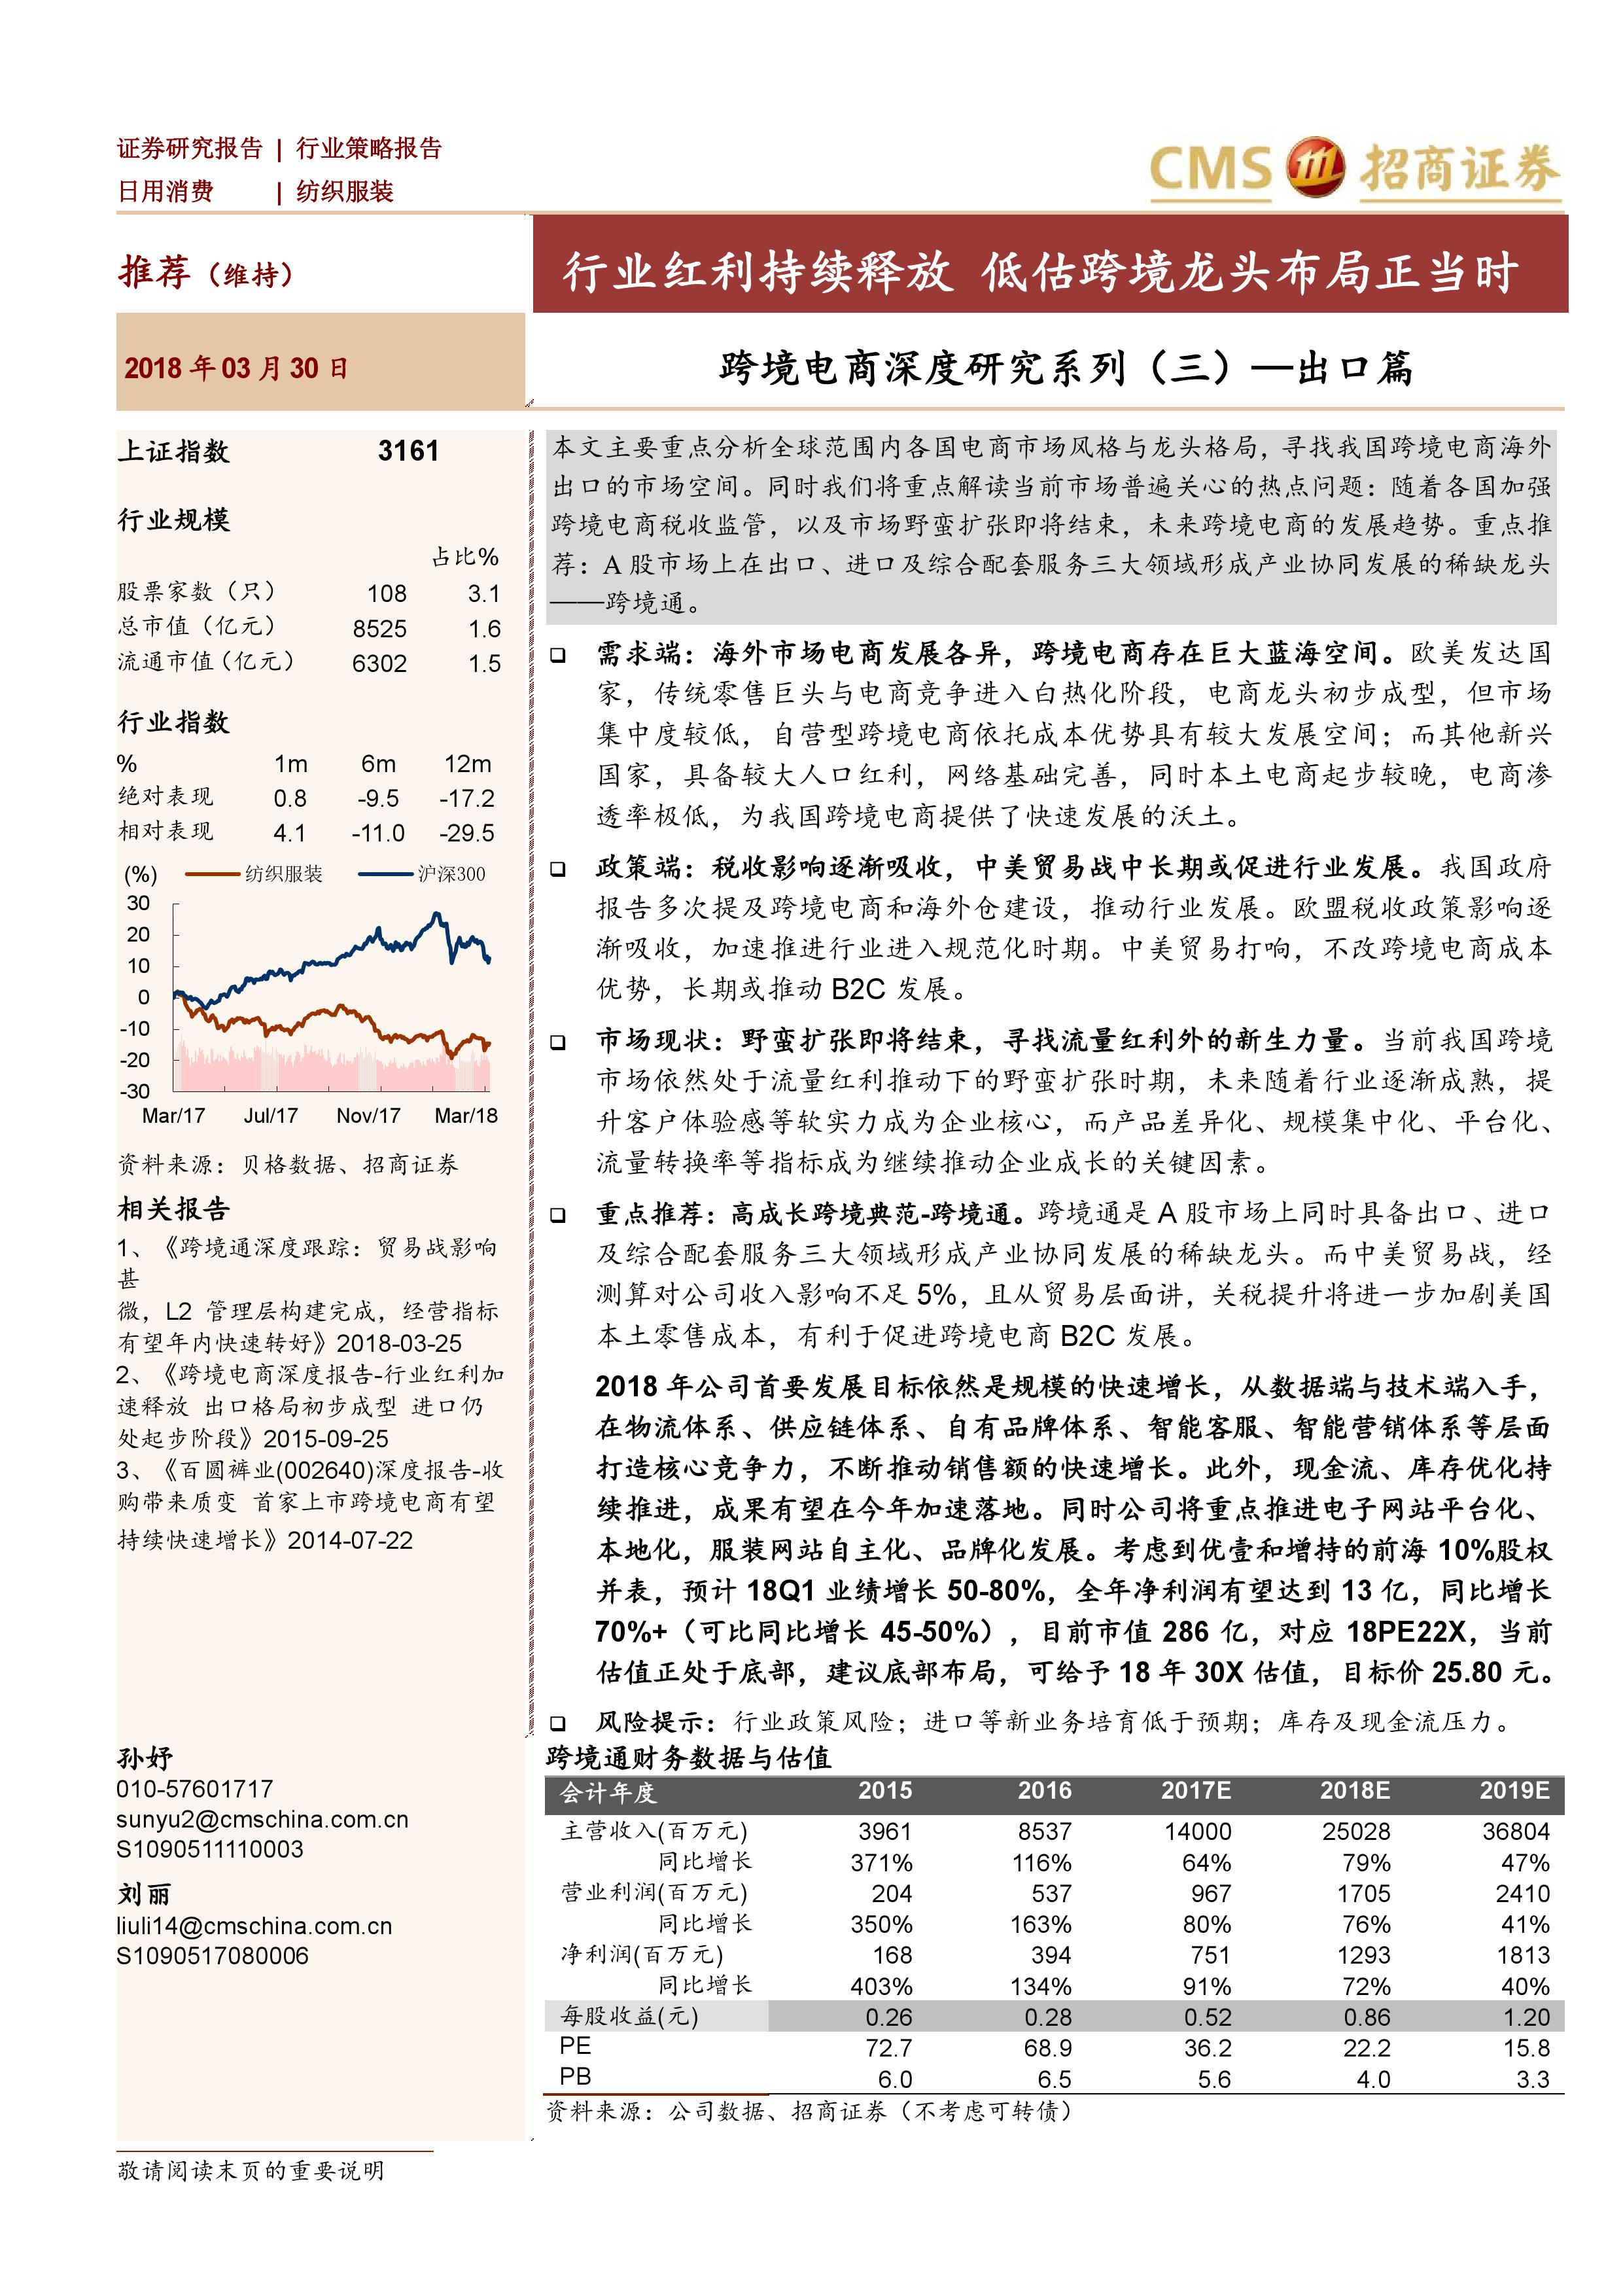 招商证券:跨境电商深度研究-出口篇(附下载)